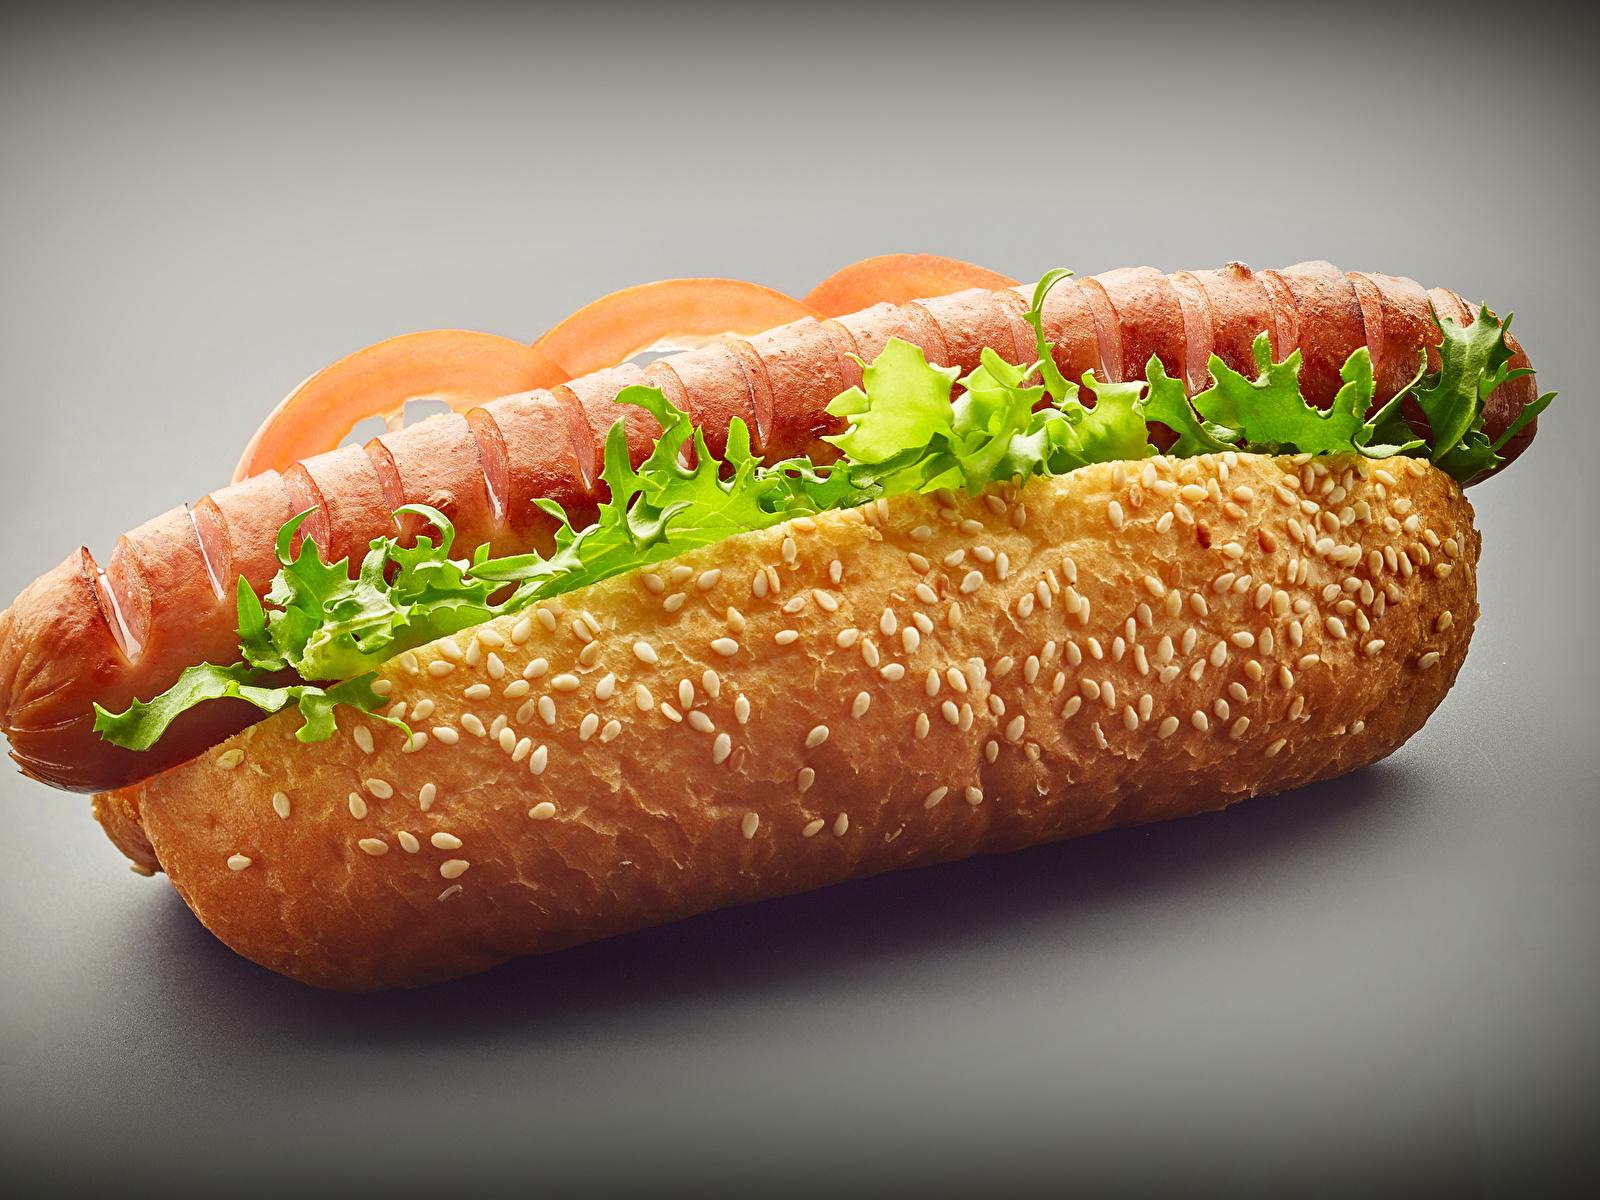 Фотографии Хот-дог Сосиска Булочки Быстрое питание Еда Крупным планом 1600x1200 Фастфуд Пища Продукты питания вблизи